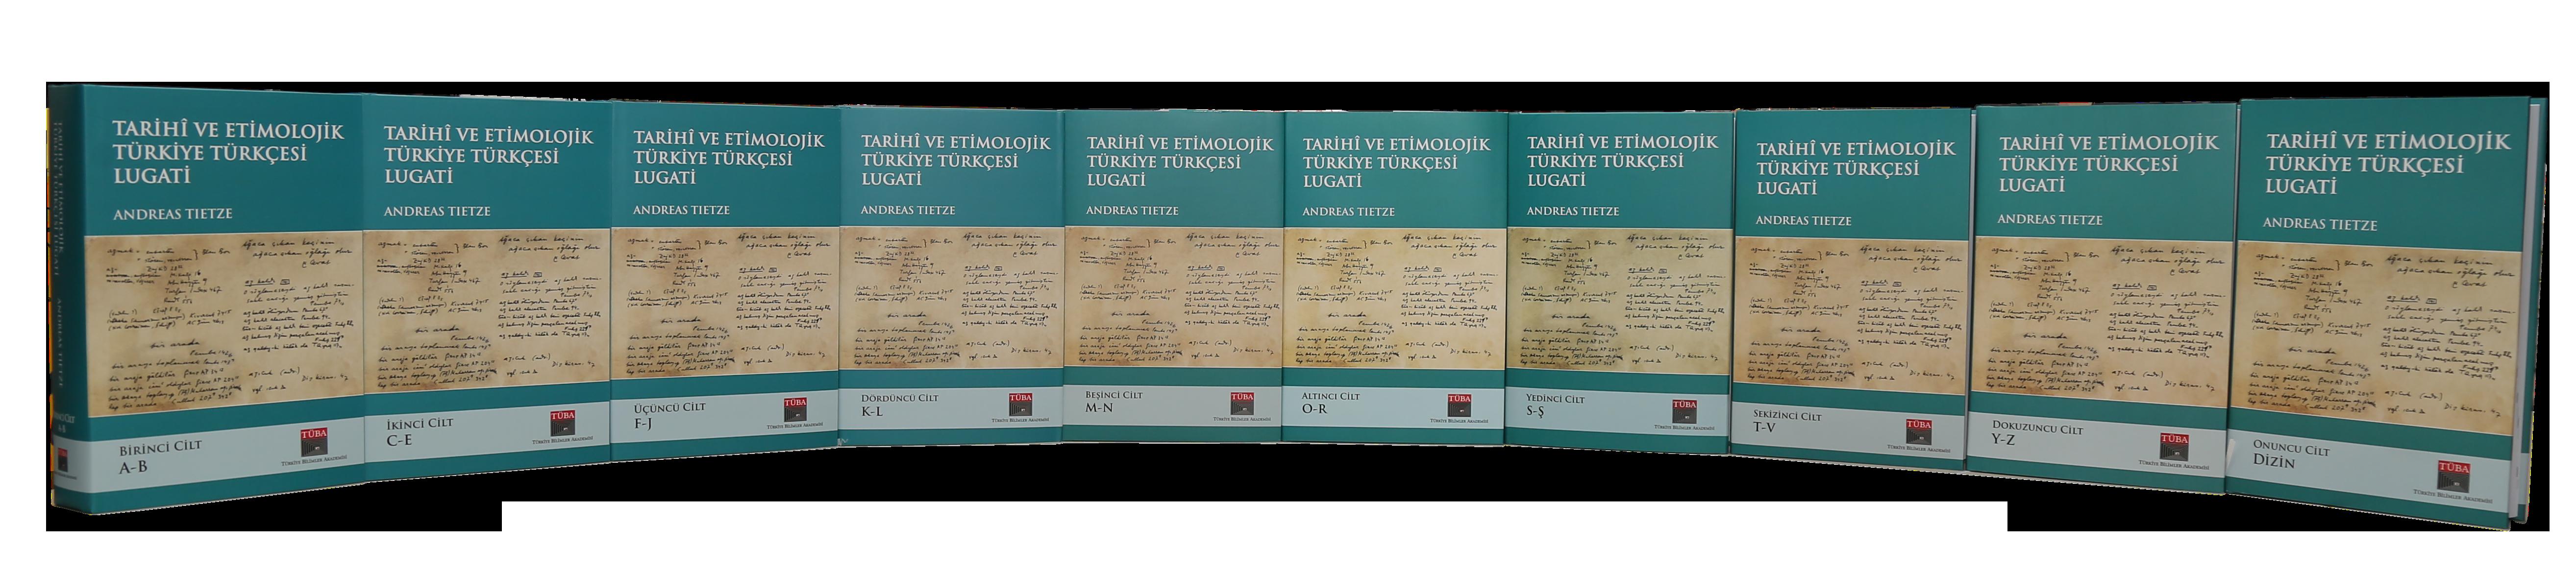 Tarihi ve Etimolojik Türkiye Türkçesi Lugatı Yayımlandı